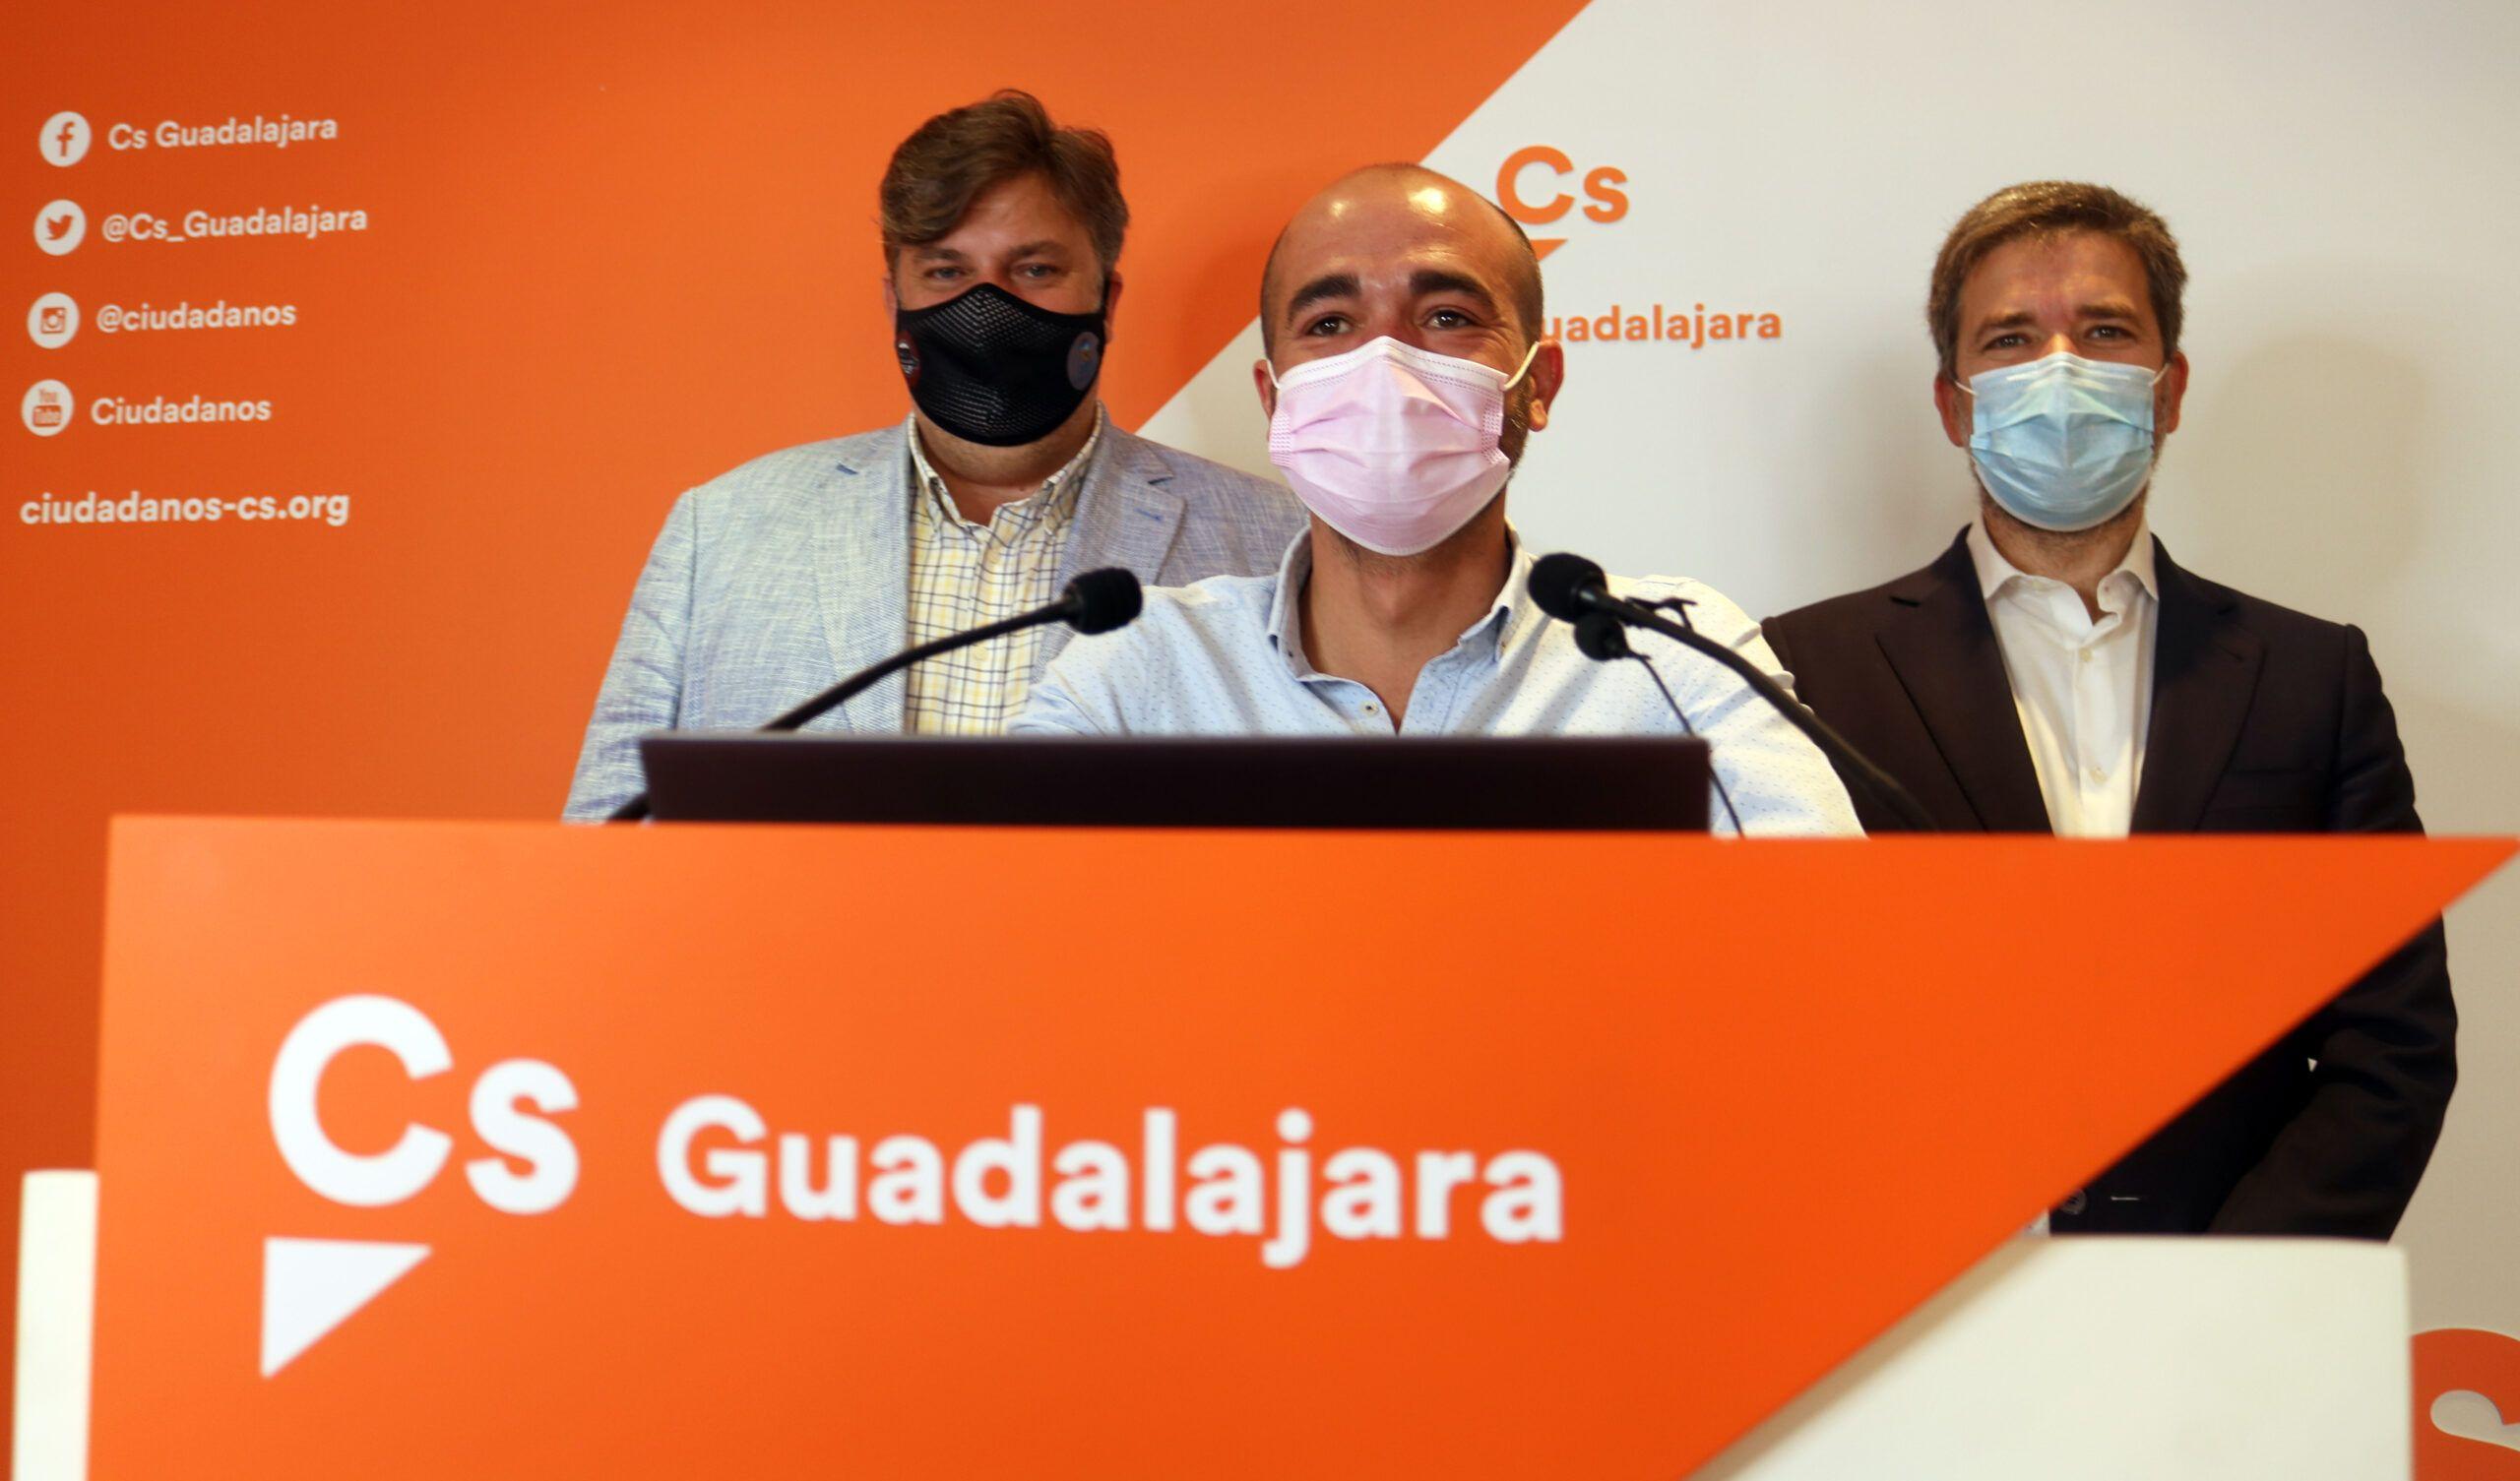 Cs Guadalajara forzará al PSOE a que rechace los indultos en el próximo pleno